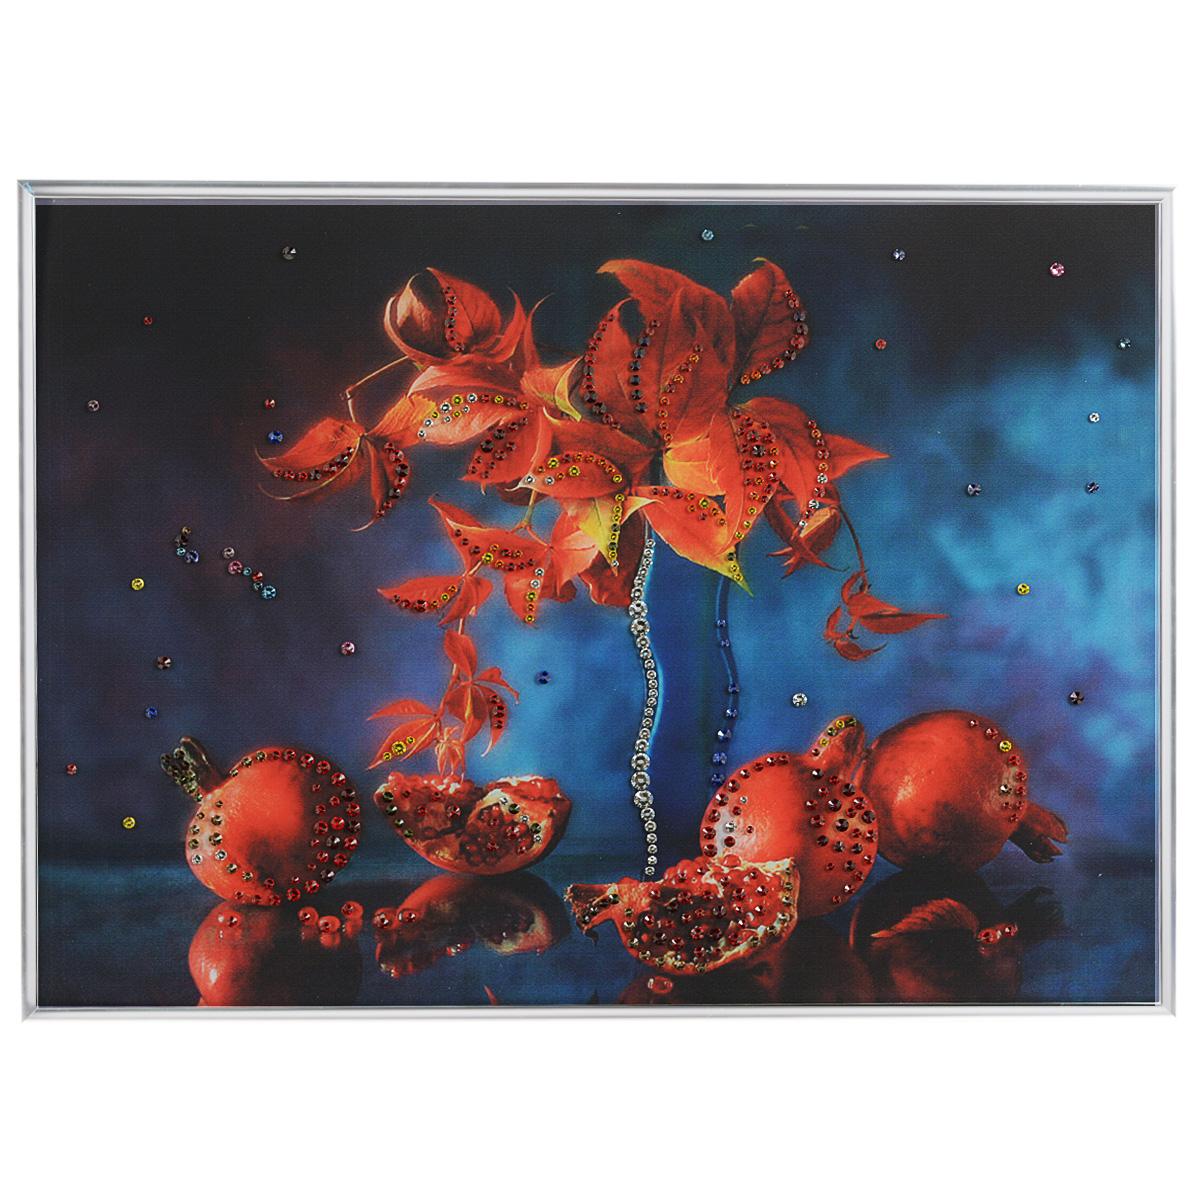 Картина с кристаллами Swarovski Натюрморт гранат, 40 см х 30 см1223Изящная картина в металлической раме, инкрустирована кристаллами Swarovski, которые отличаются четкой и ровной огранкой, ярким блеском и чистотой цвета. Красочное изображение граната, расположенное под стеклом, прекрасно дополняет блеск кристаллов. С обратной стороны имеется металлическая петелька для размещения картины на стене. Картина с кристаллами Swarovski Натюрморт гранат элегантно украсит интерьер дома или офиса, а также станет прекрасным подарком, который обязательно понравится получателю. Блеск кристаллов в интерьере, что может быть сказочнее и удивительнее. Картина упакована в подарочную картонную коробку синего цвета и комплектуется сертификатом соответствия Swarovski.